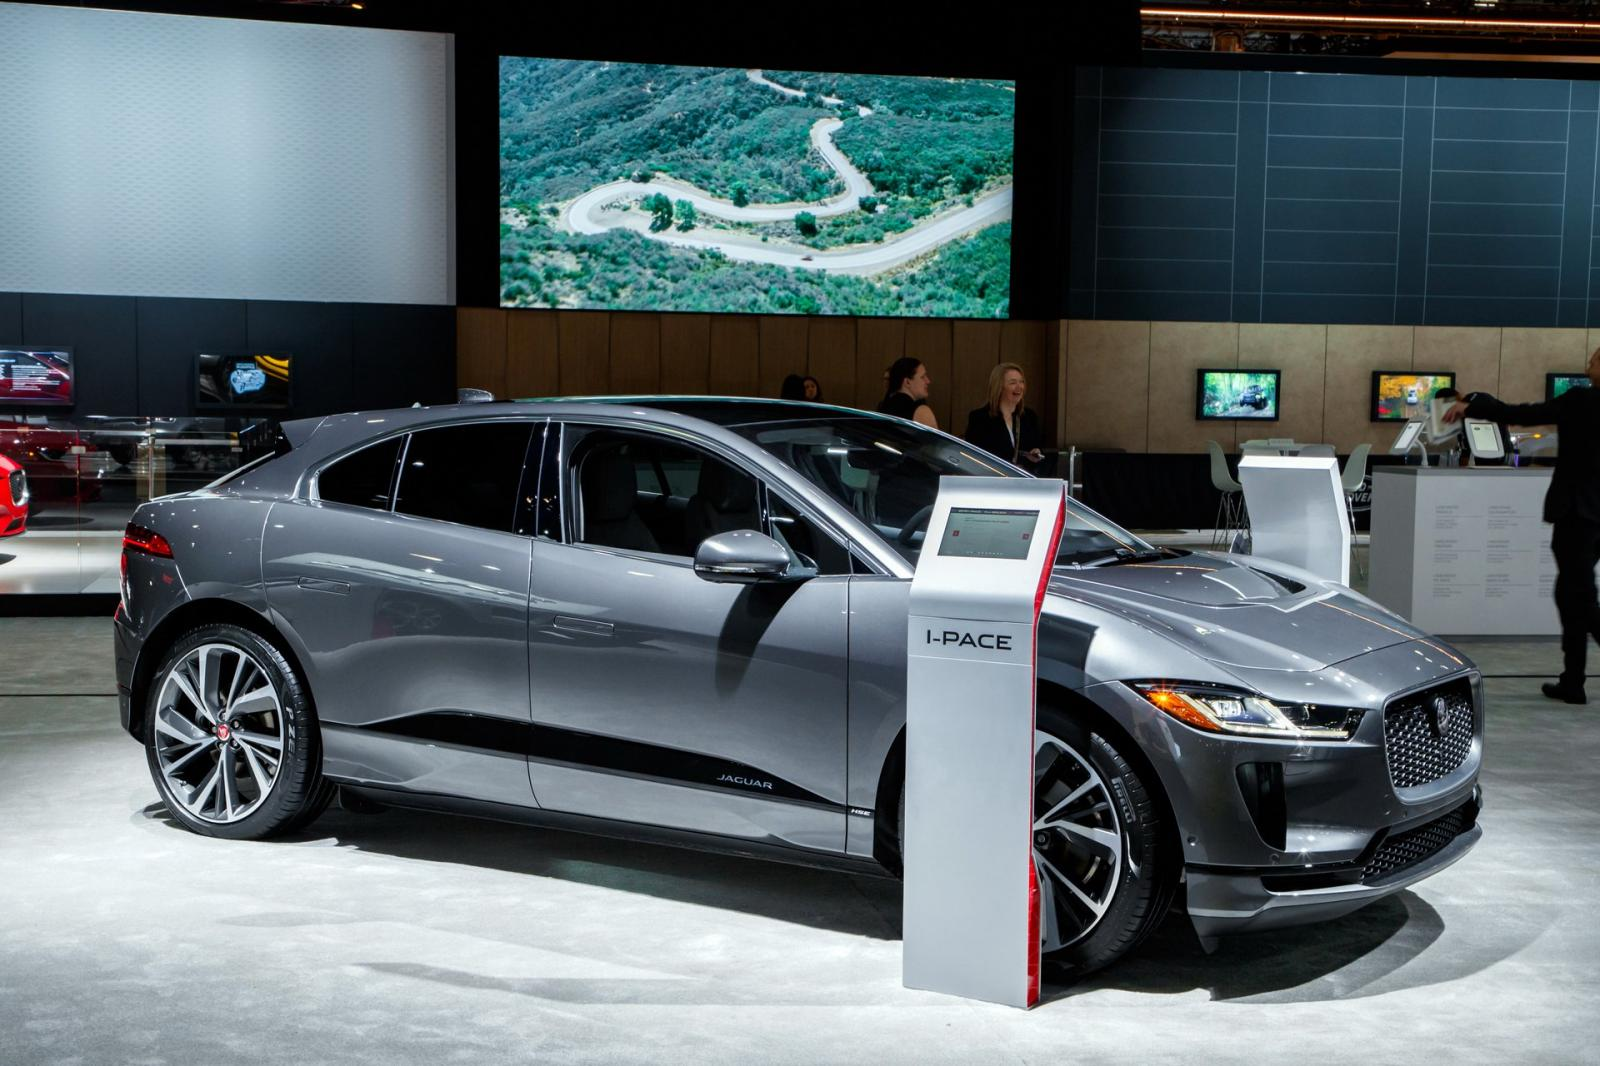 Xe điện dần thay thế cho động cơ trong thời gian tới 5a